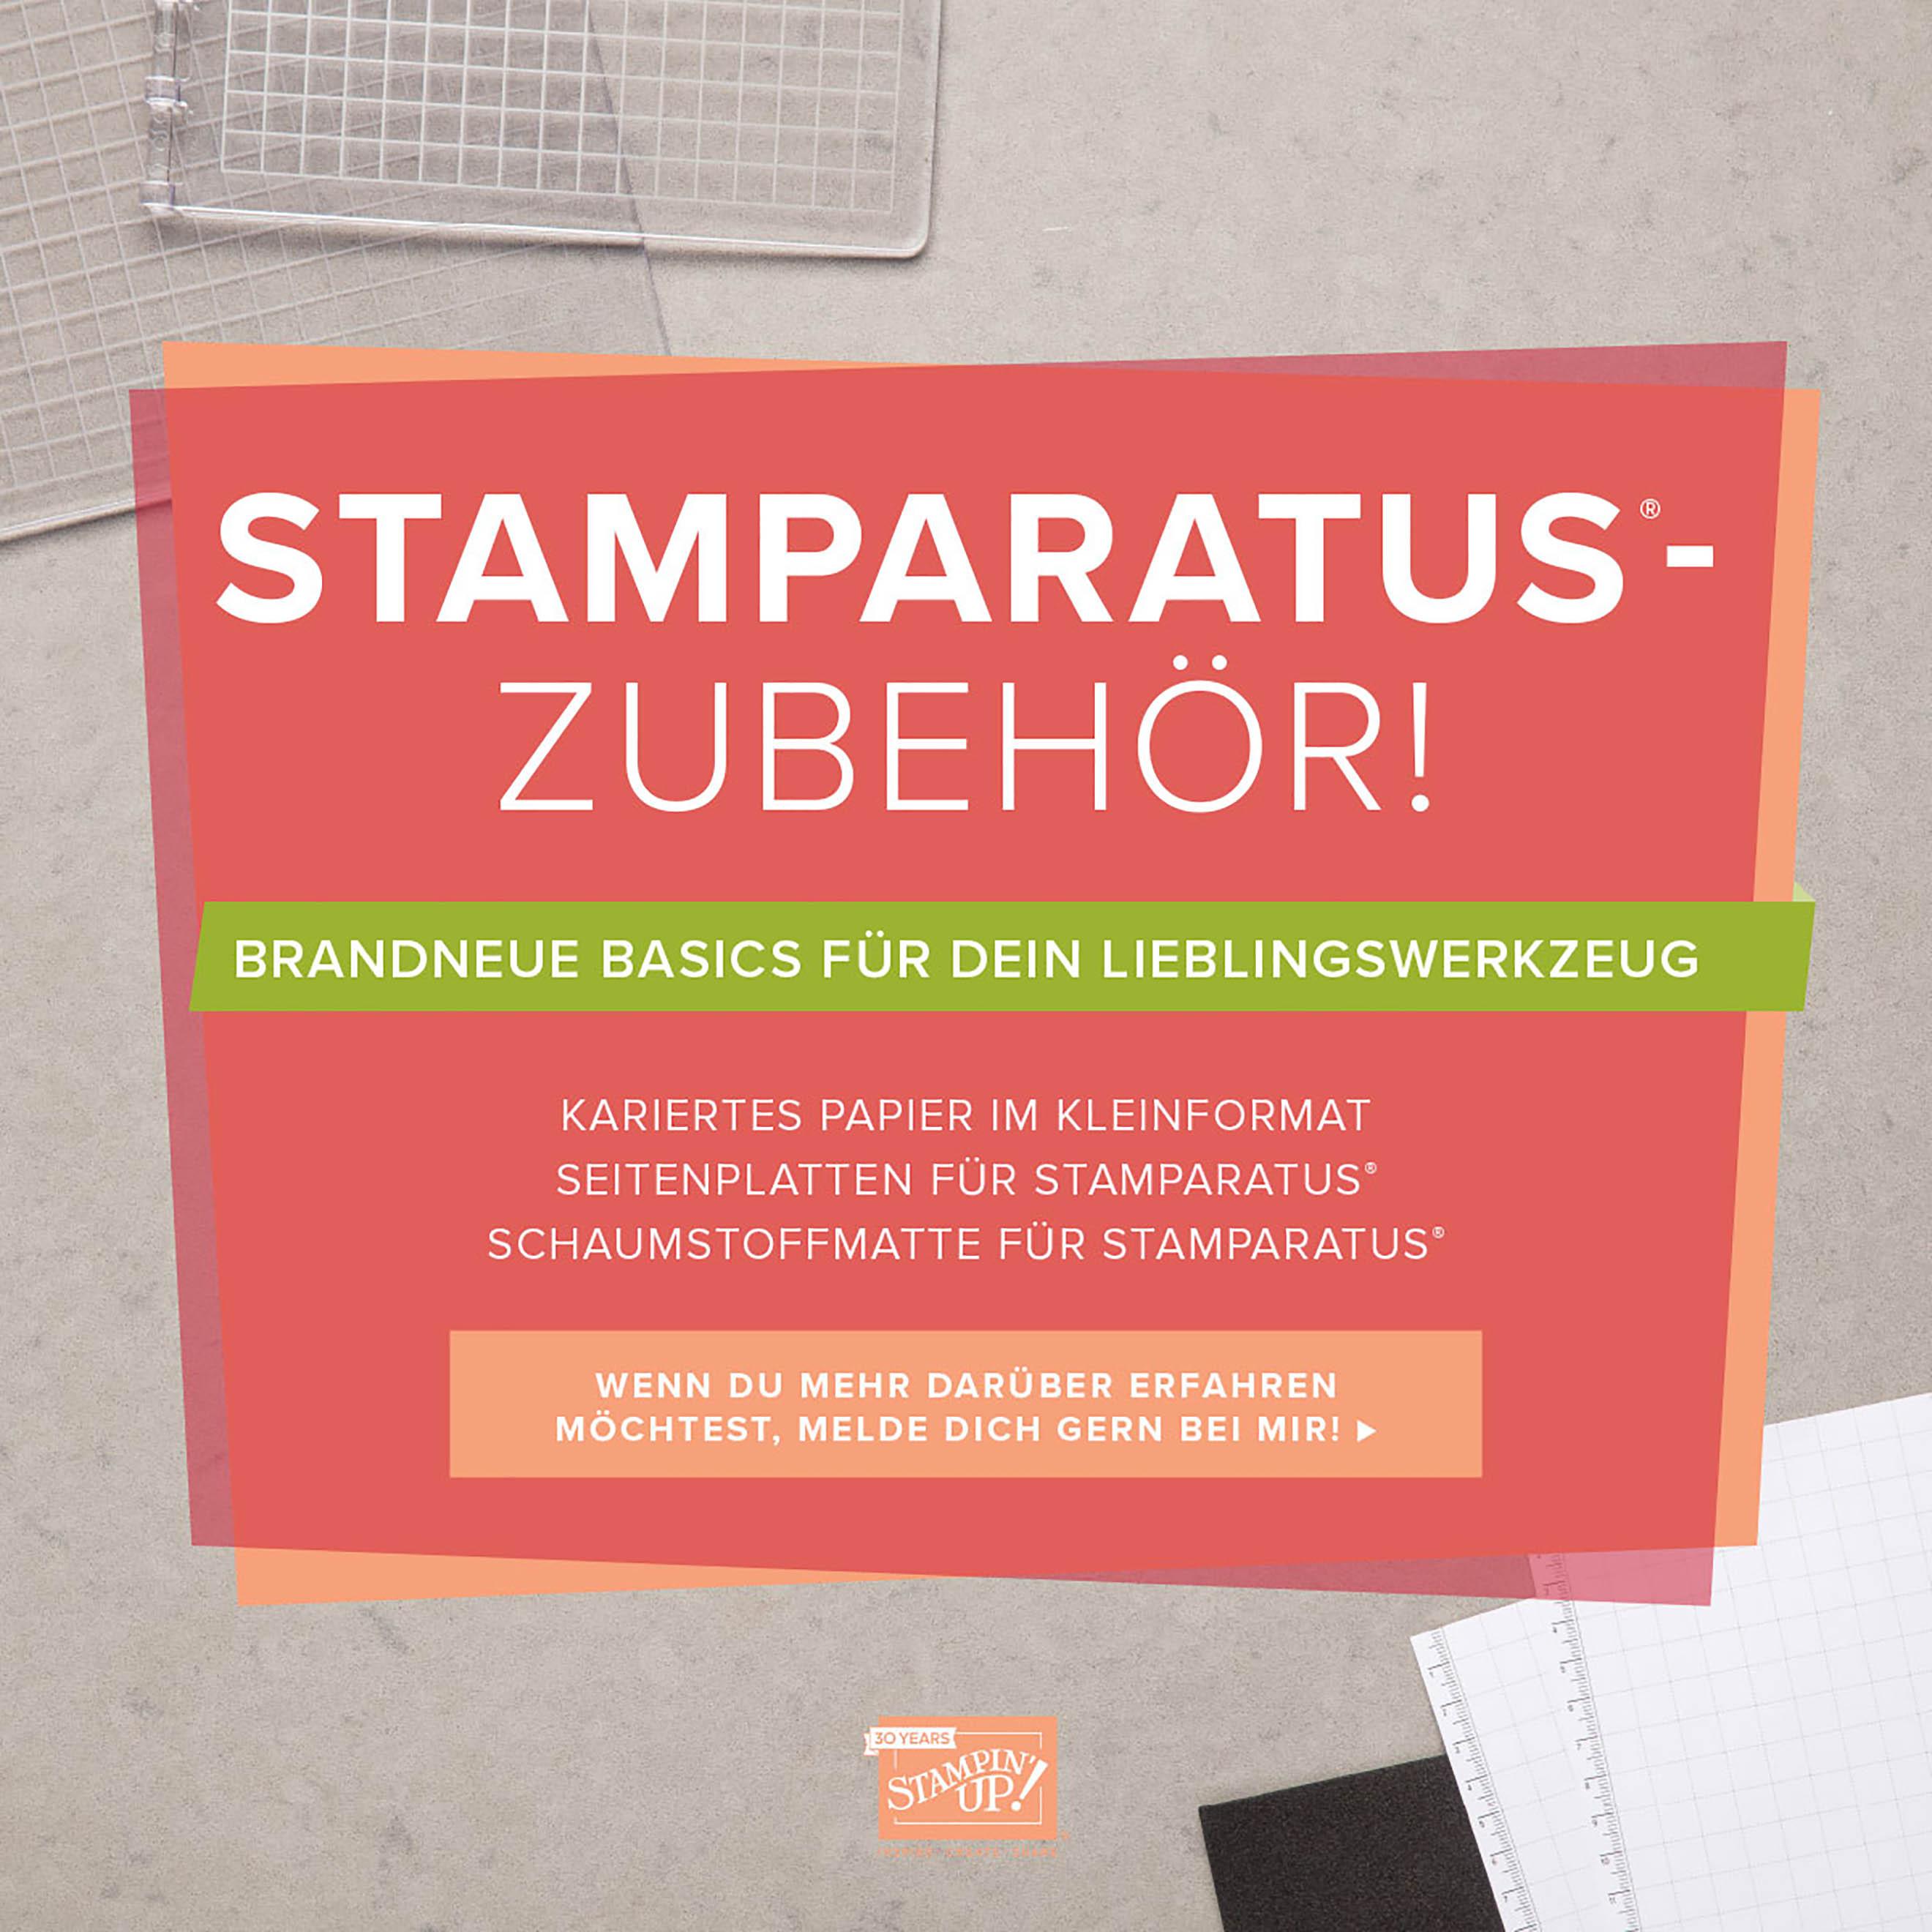 Stamparatus_zubehoer_SQ